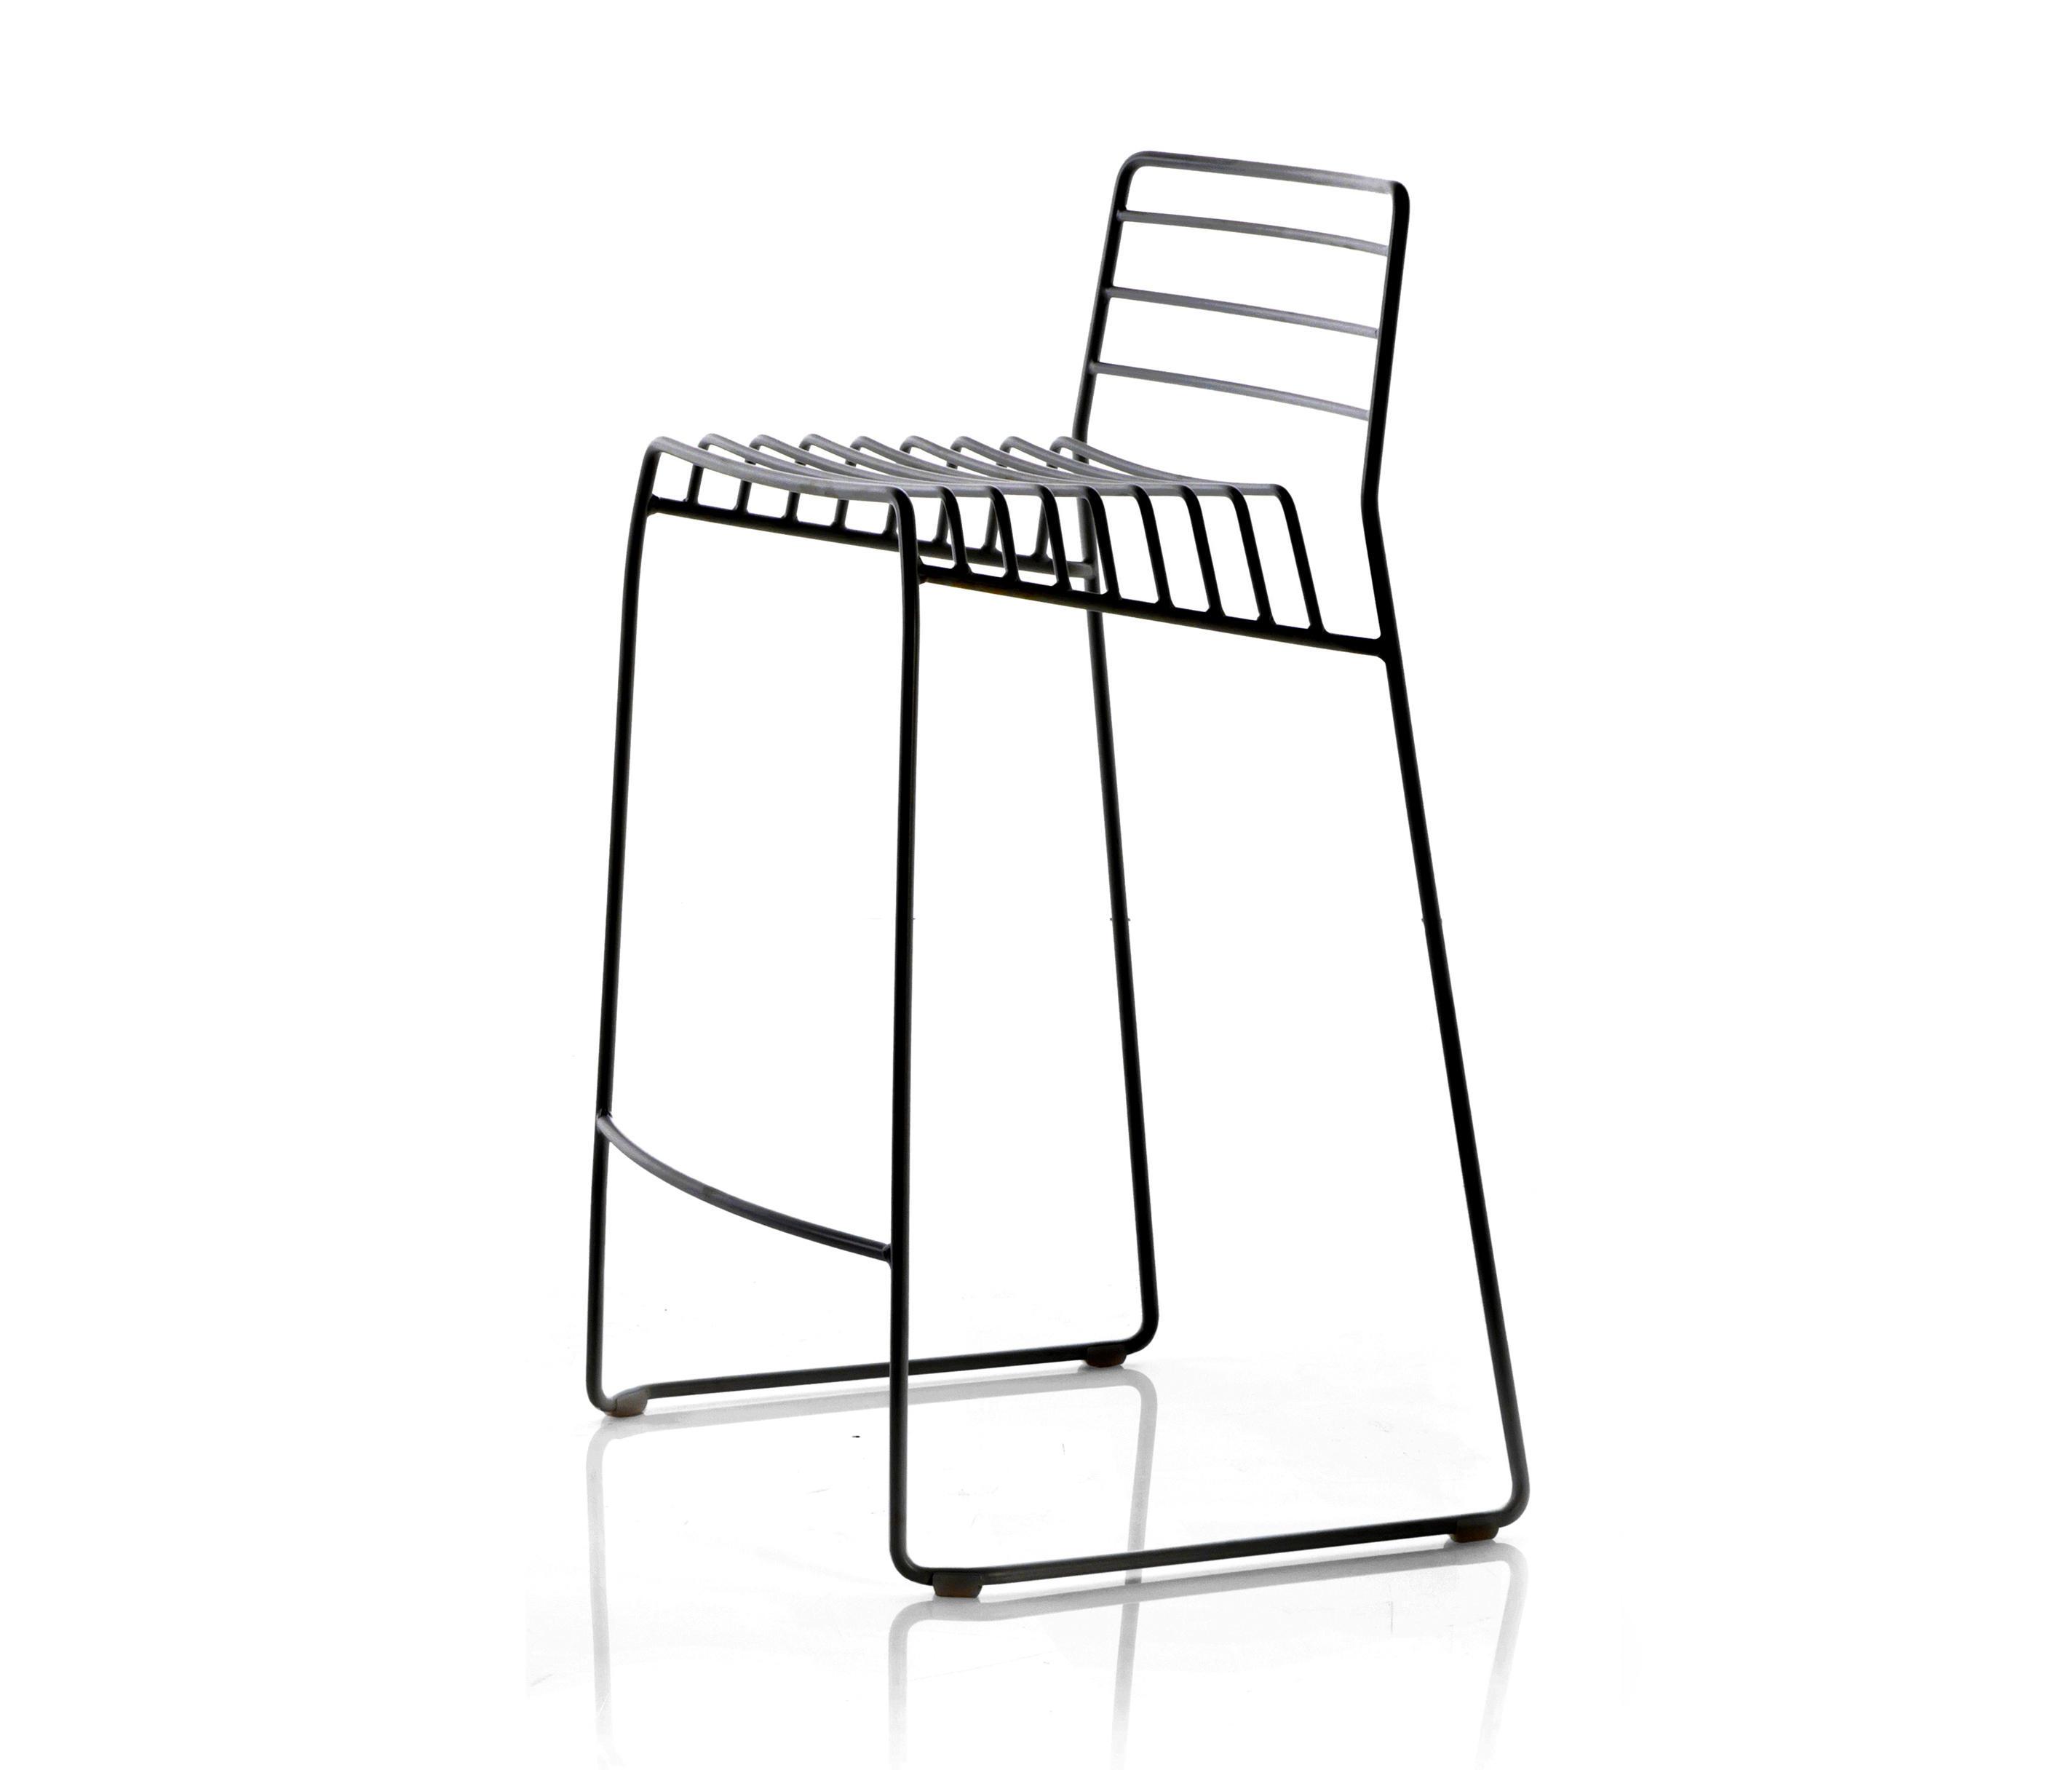 park pr02 tabourets de bar de b line architonic. Black Bedroom Furniture Sets. Home Design Ideas